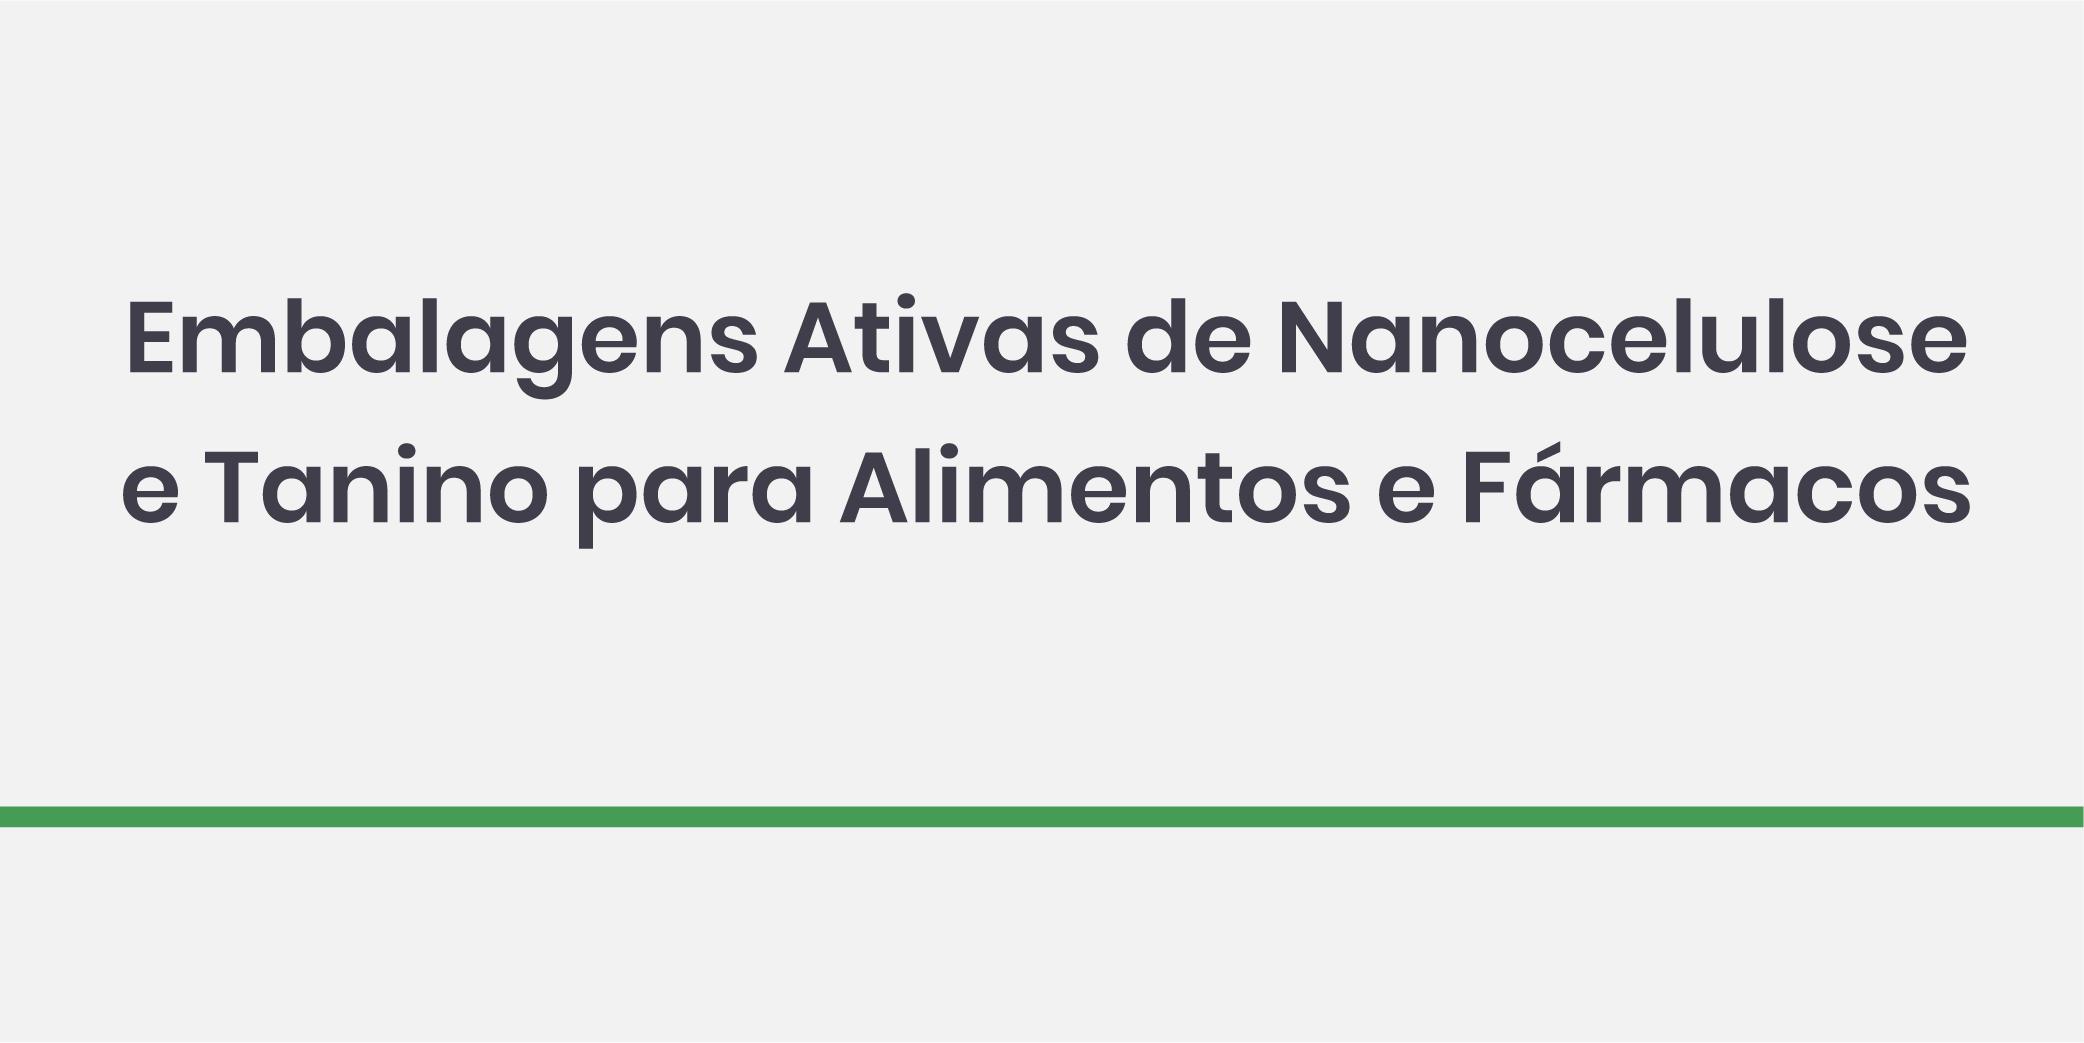 Embalagens Ativas de Nanocelulose e Tanino para Alimentos e Fármacos